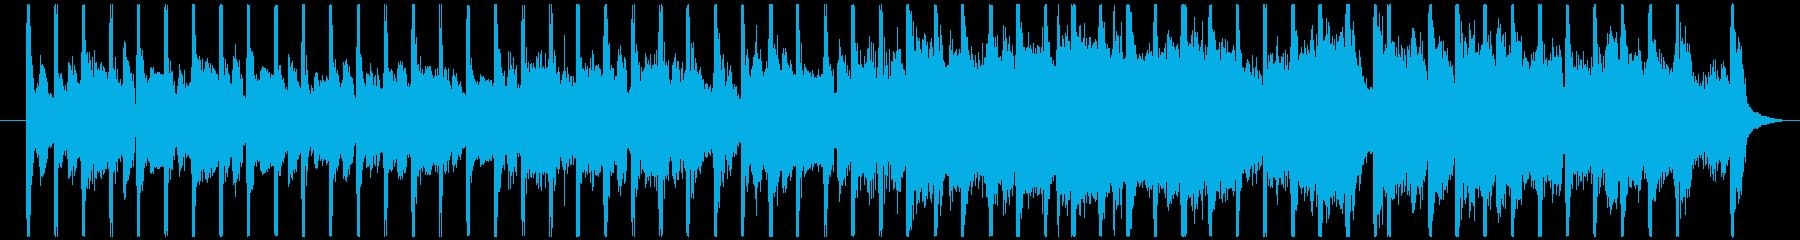 爽やかに始まる朝の30秒BGMの再生済みの波形